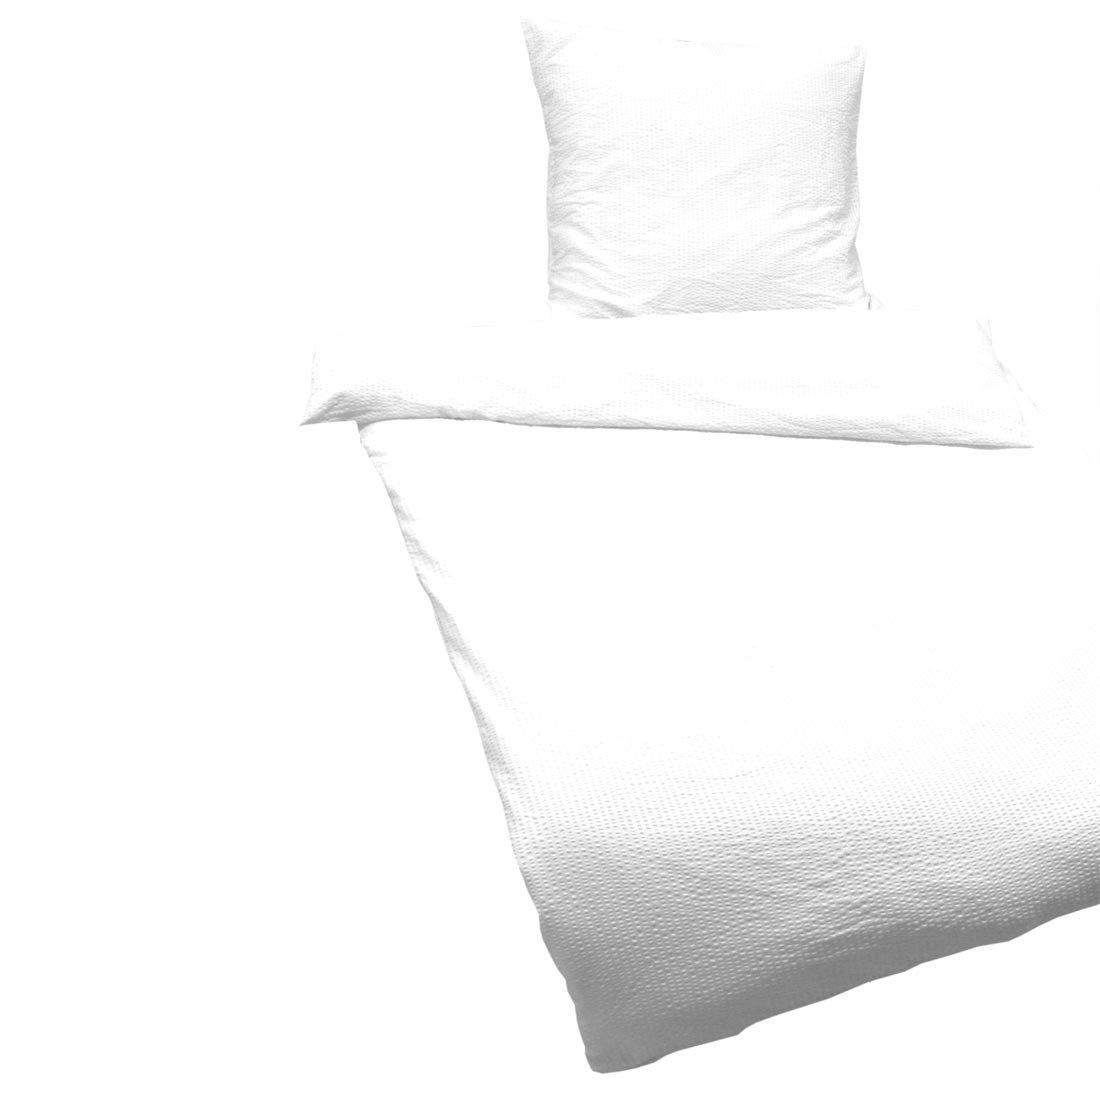 Fashionpillow -1111081003- Seersucker Bettwäsche Set Fuchsia, 135x200cm, Unifarbener Bettbezug -Decke und Kissen- mit Reißverschluss, Mikrofaser